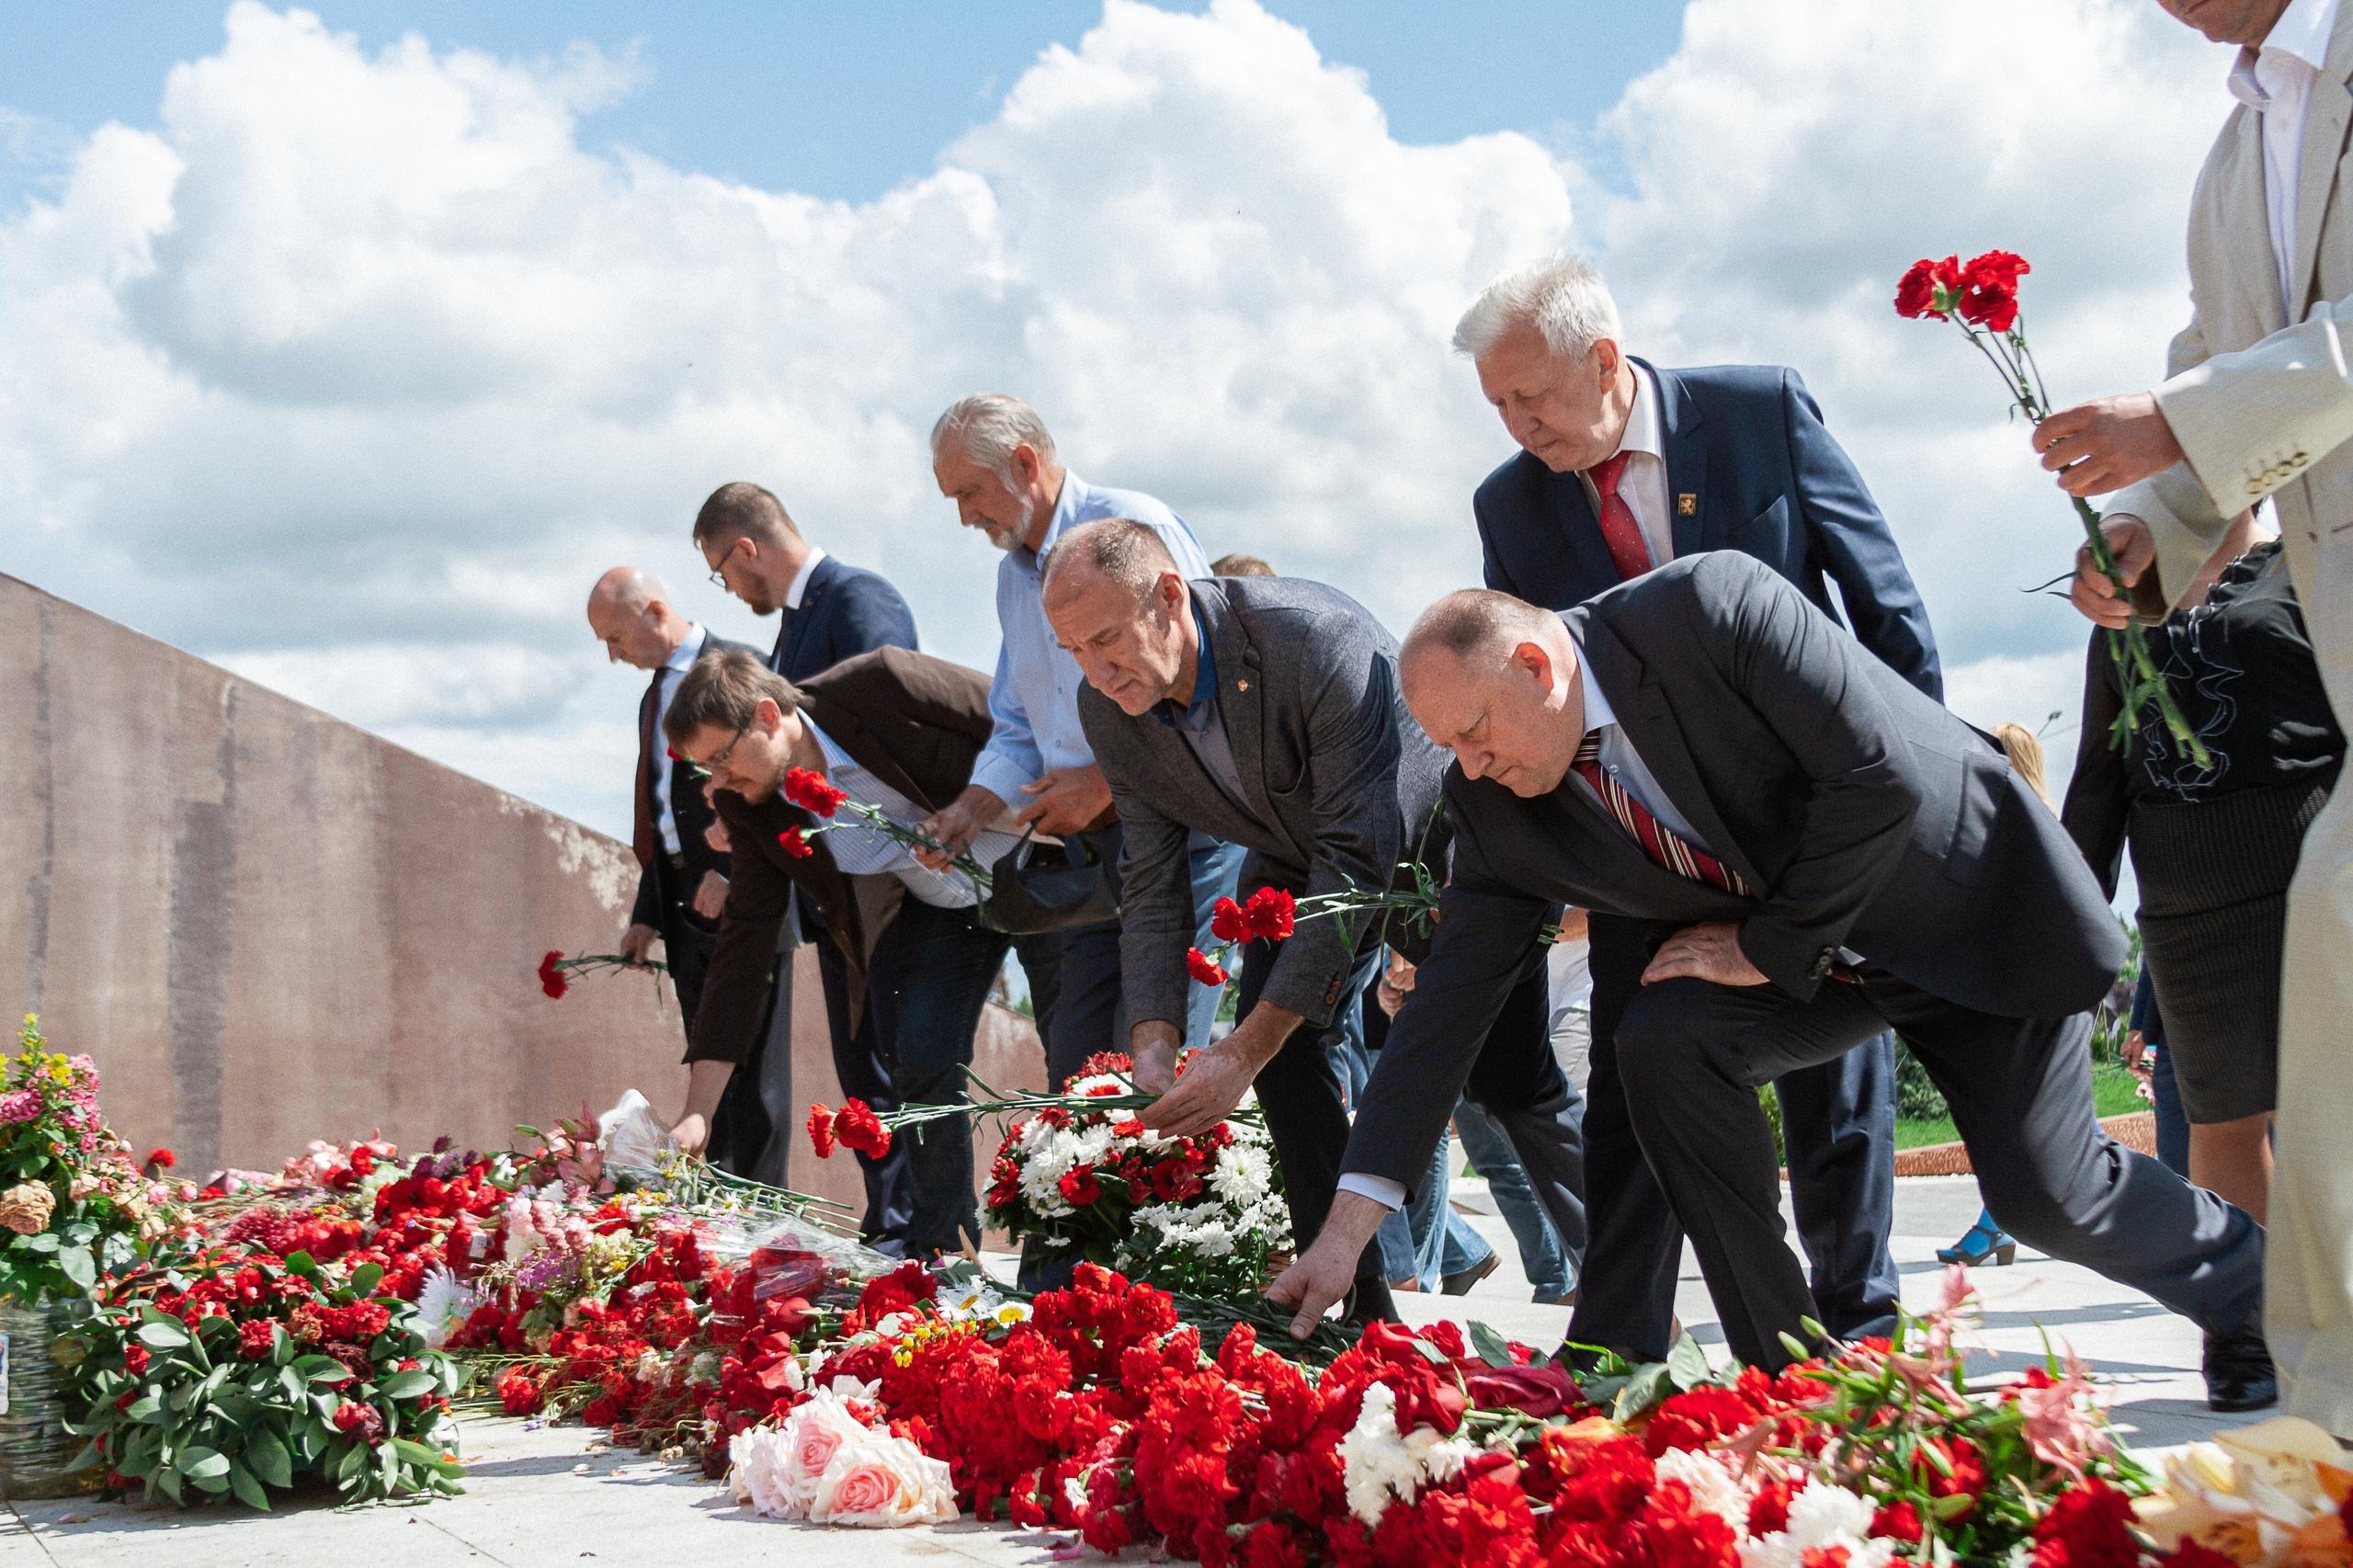 Депутаты Законодательного Собрания Тверской области возложили цветы к мемориалу Советскому солдату в Ржевском районе